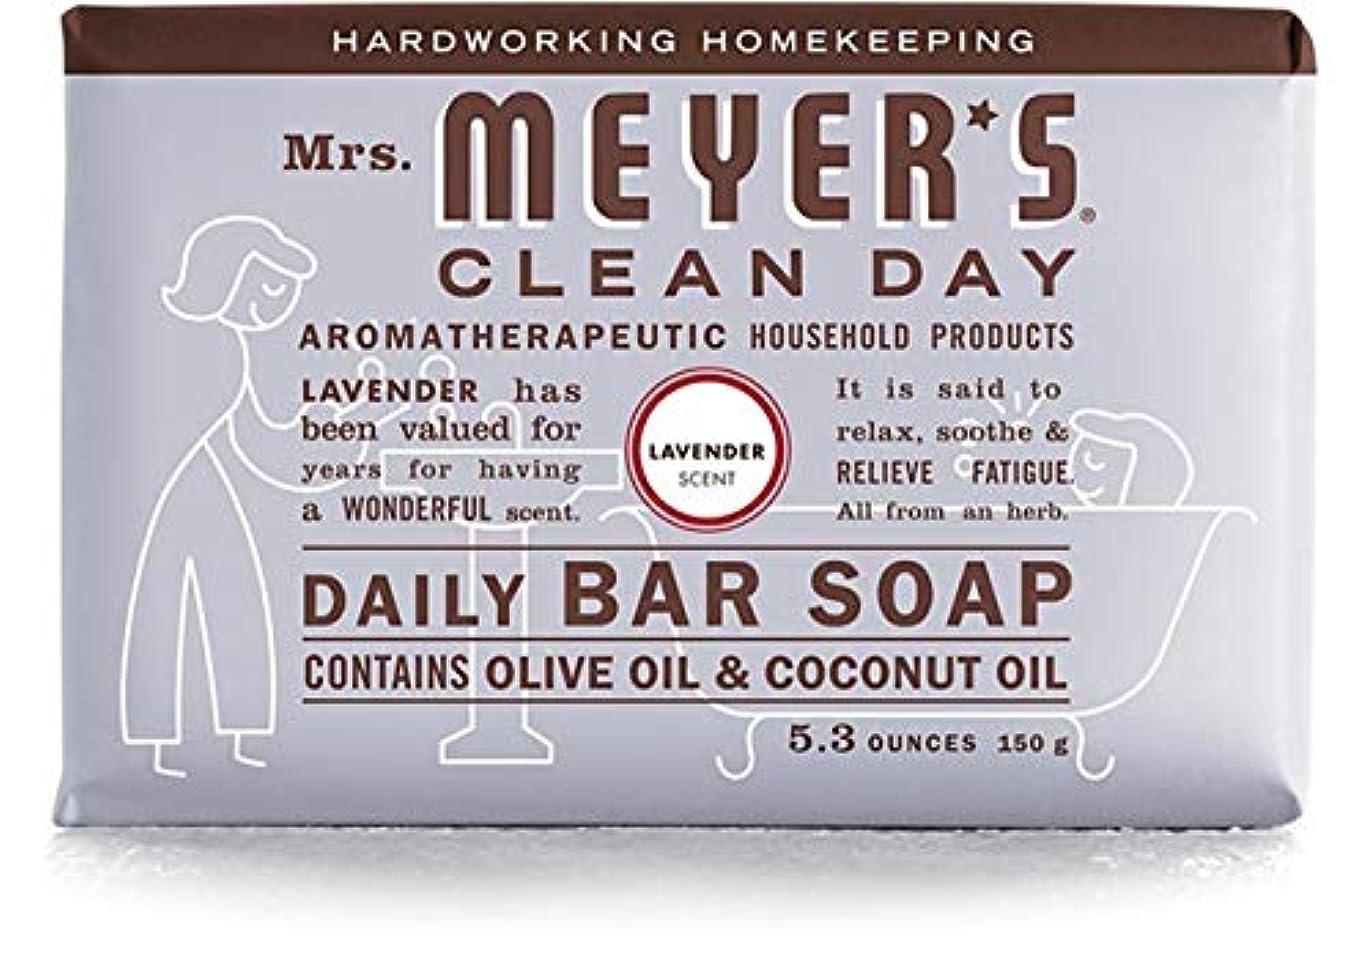 拘束近傍主張する2 Packs of Mrs. Meyer's Bar Soap - Lavender - 5.3 Oz by Mrs. Meyer's Clean Day